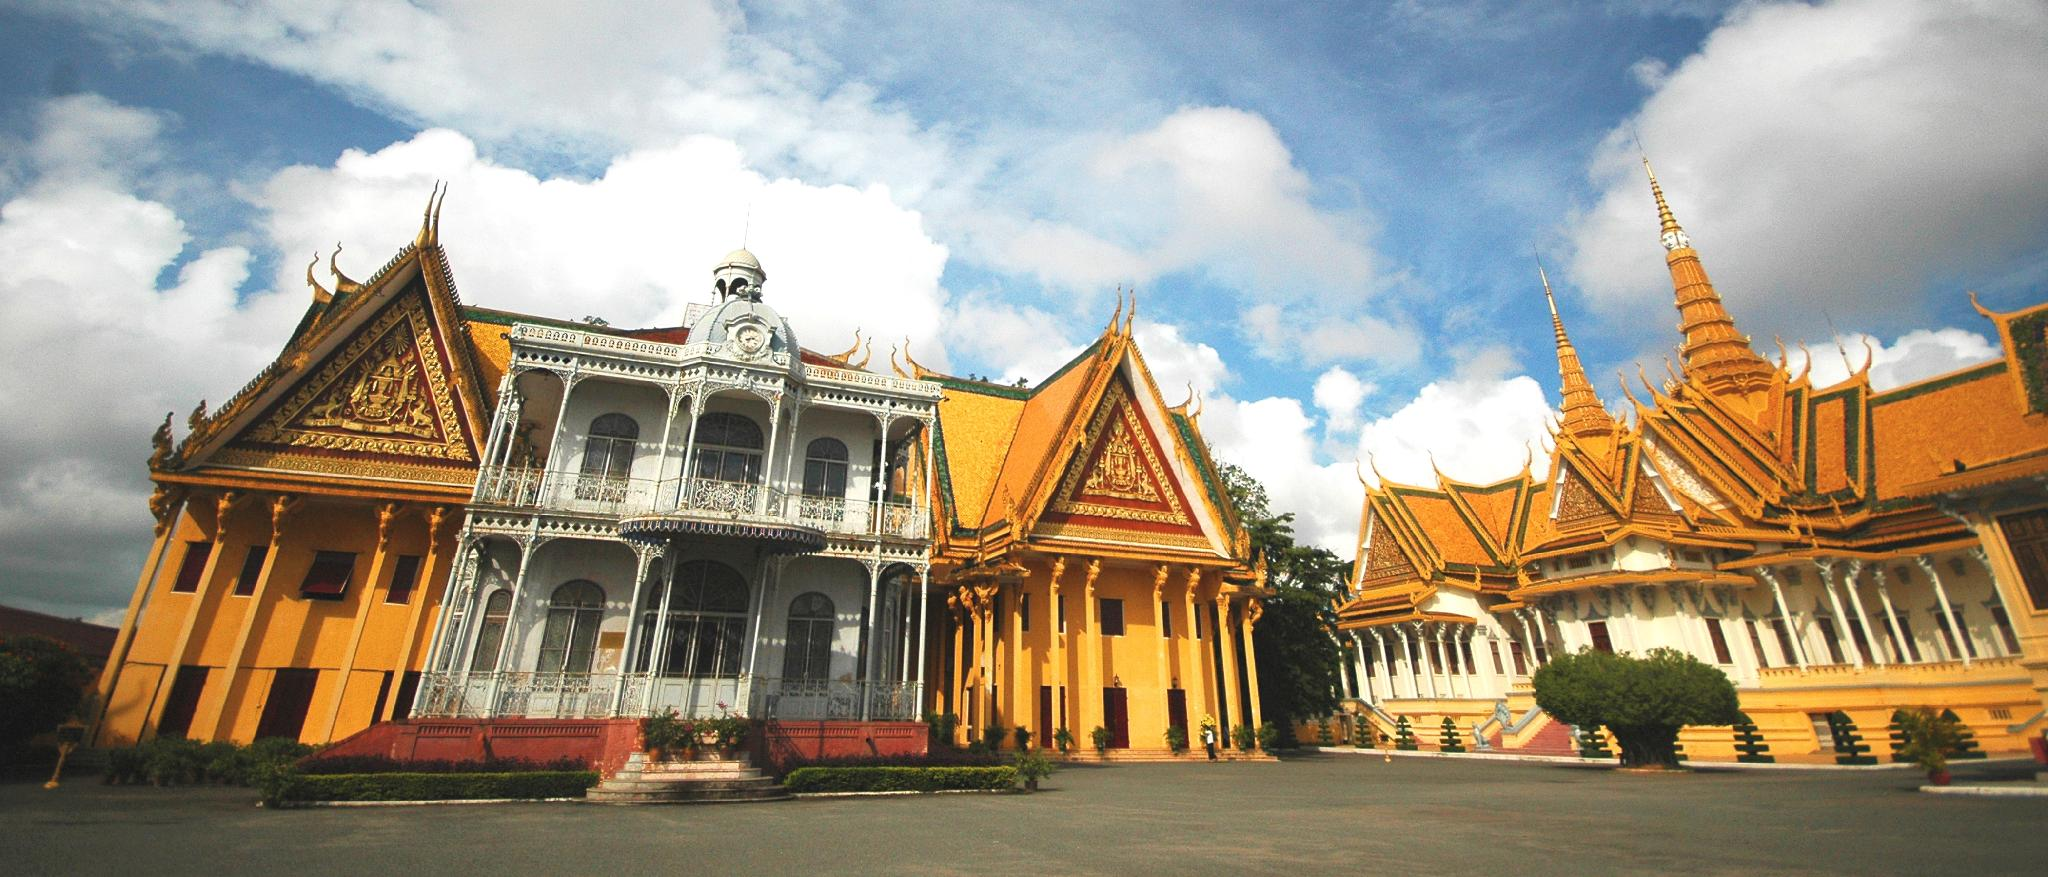 H tel phnom penh tarifs r duits sur 671 h tels phnom penh for Hotel tarif reduit